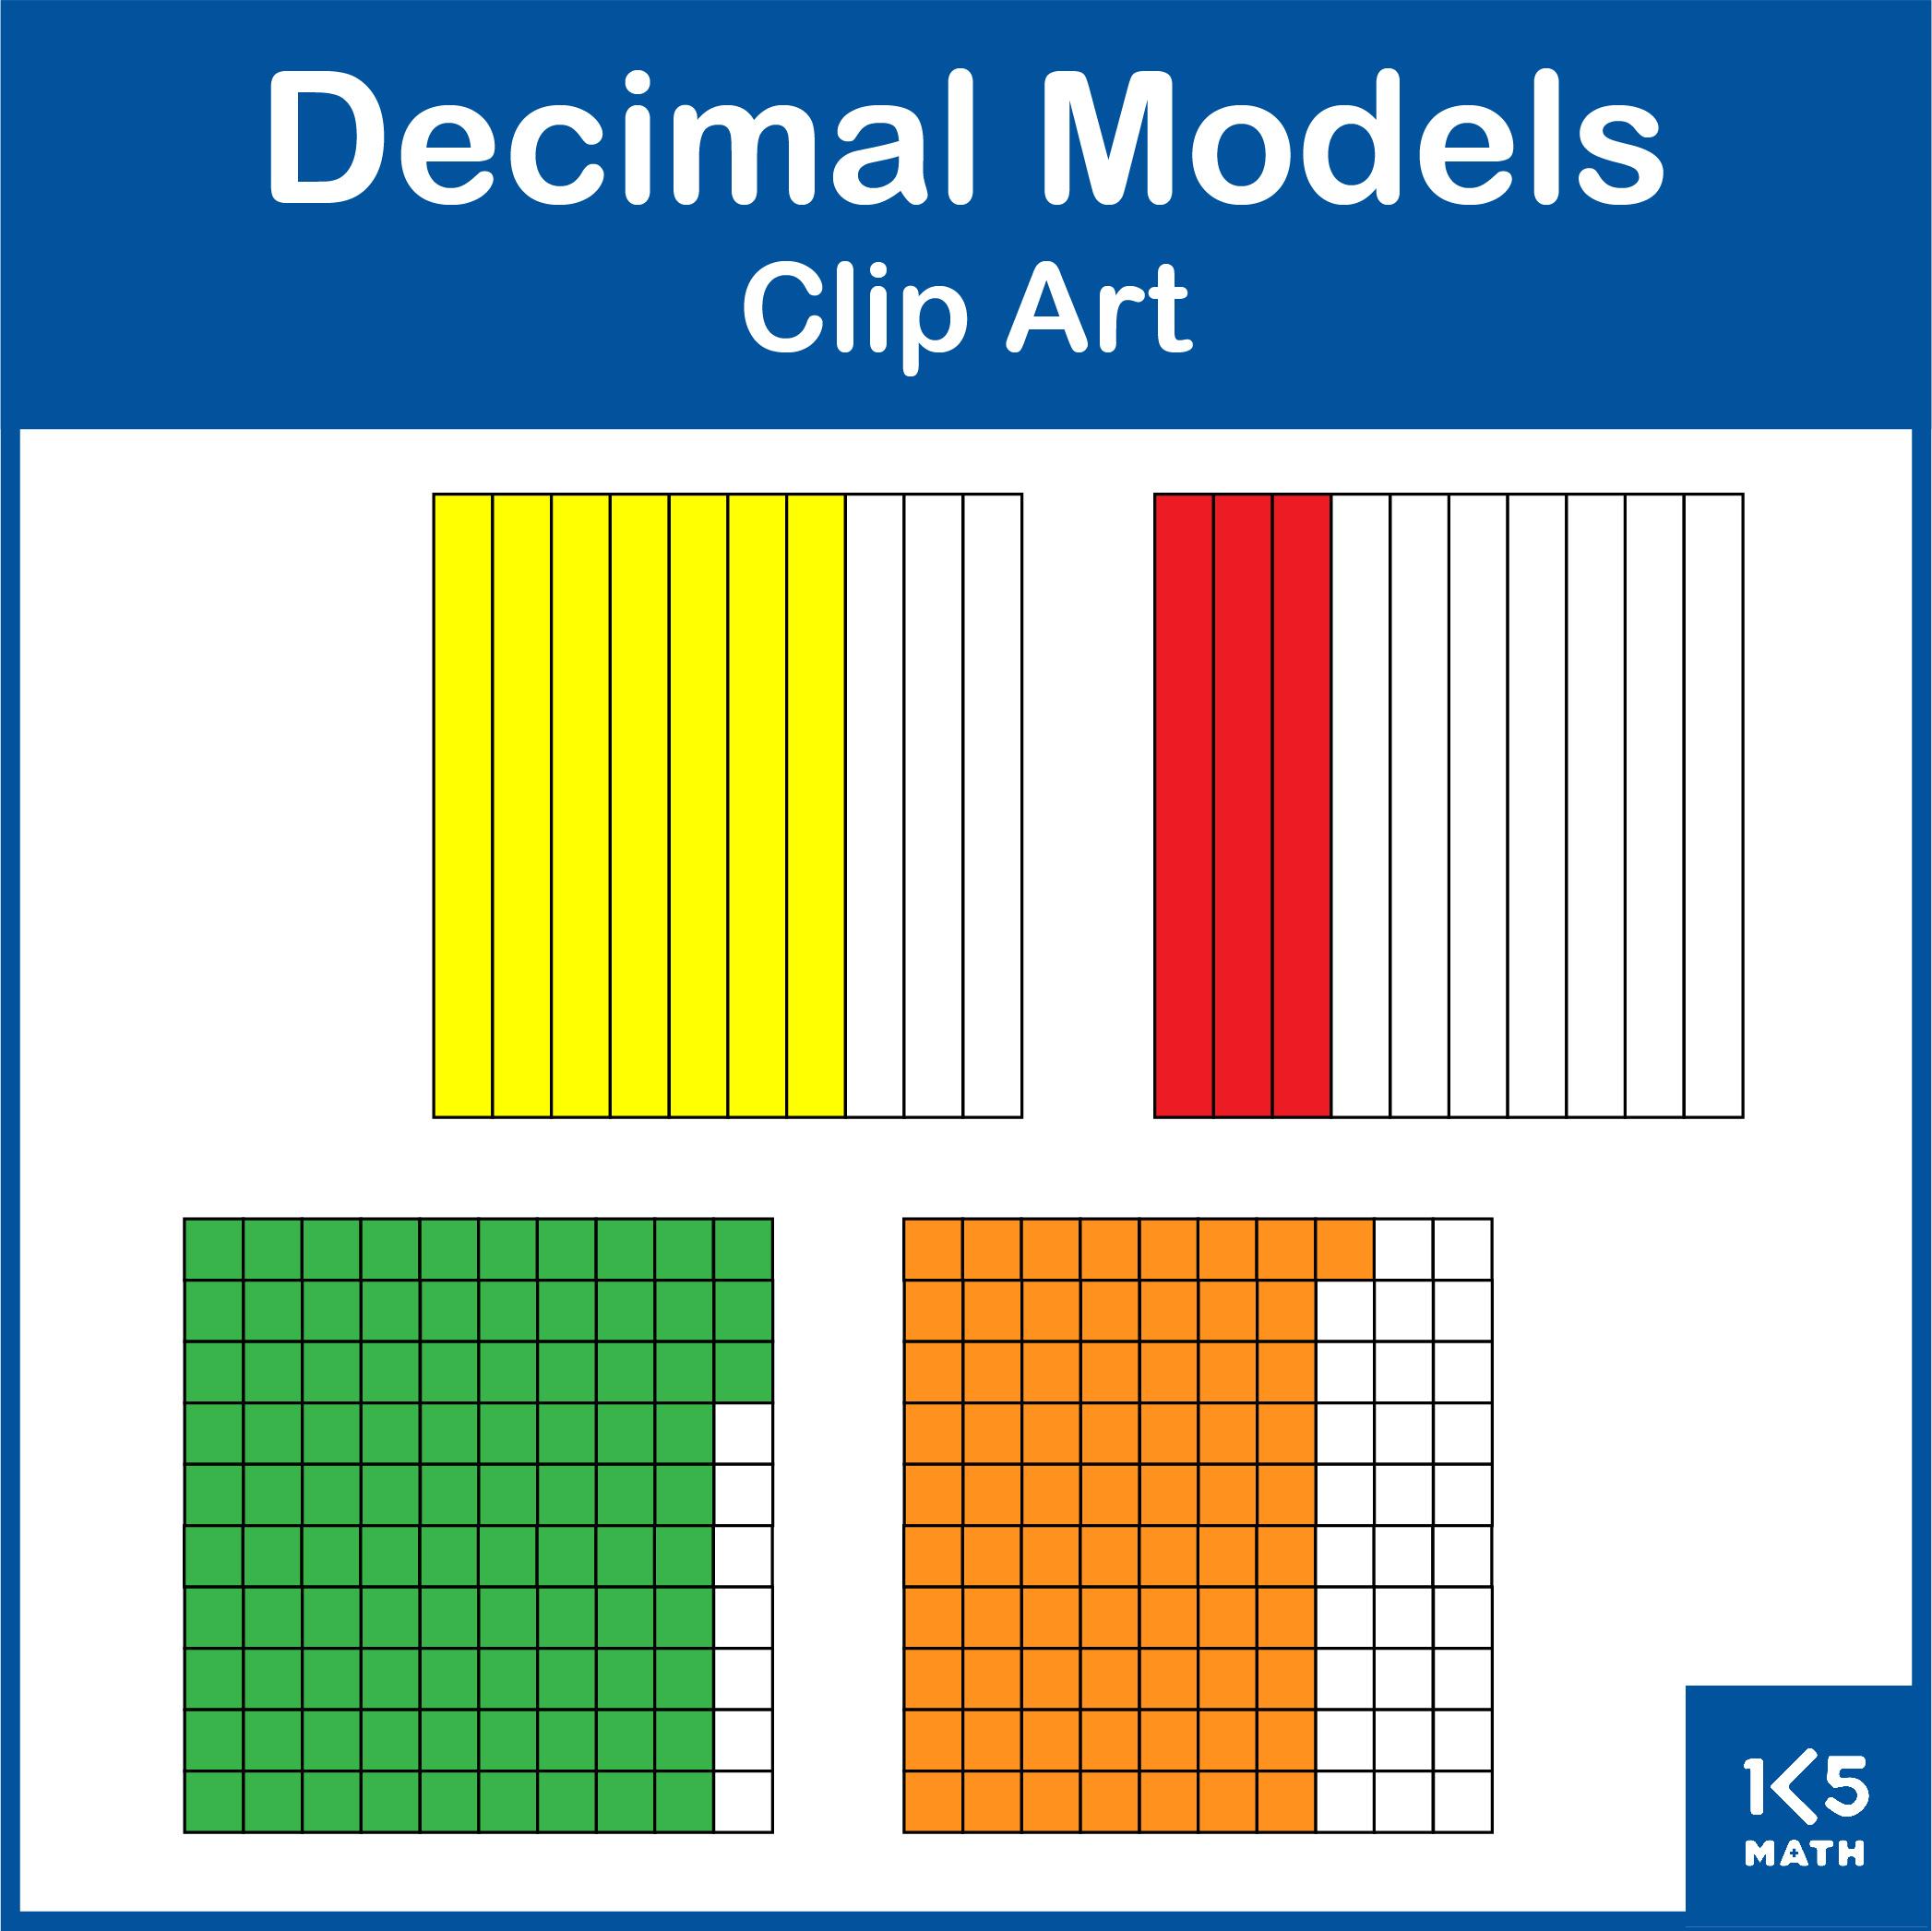 Decimal Models Clip Art